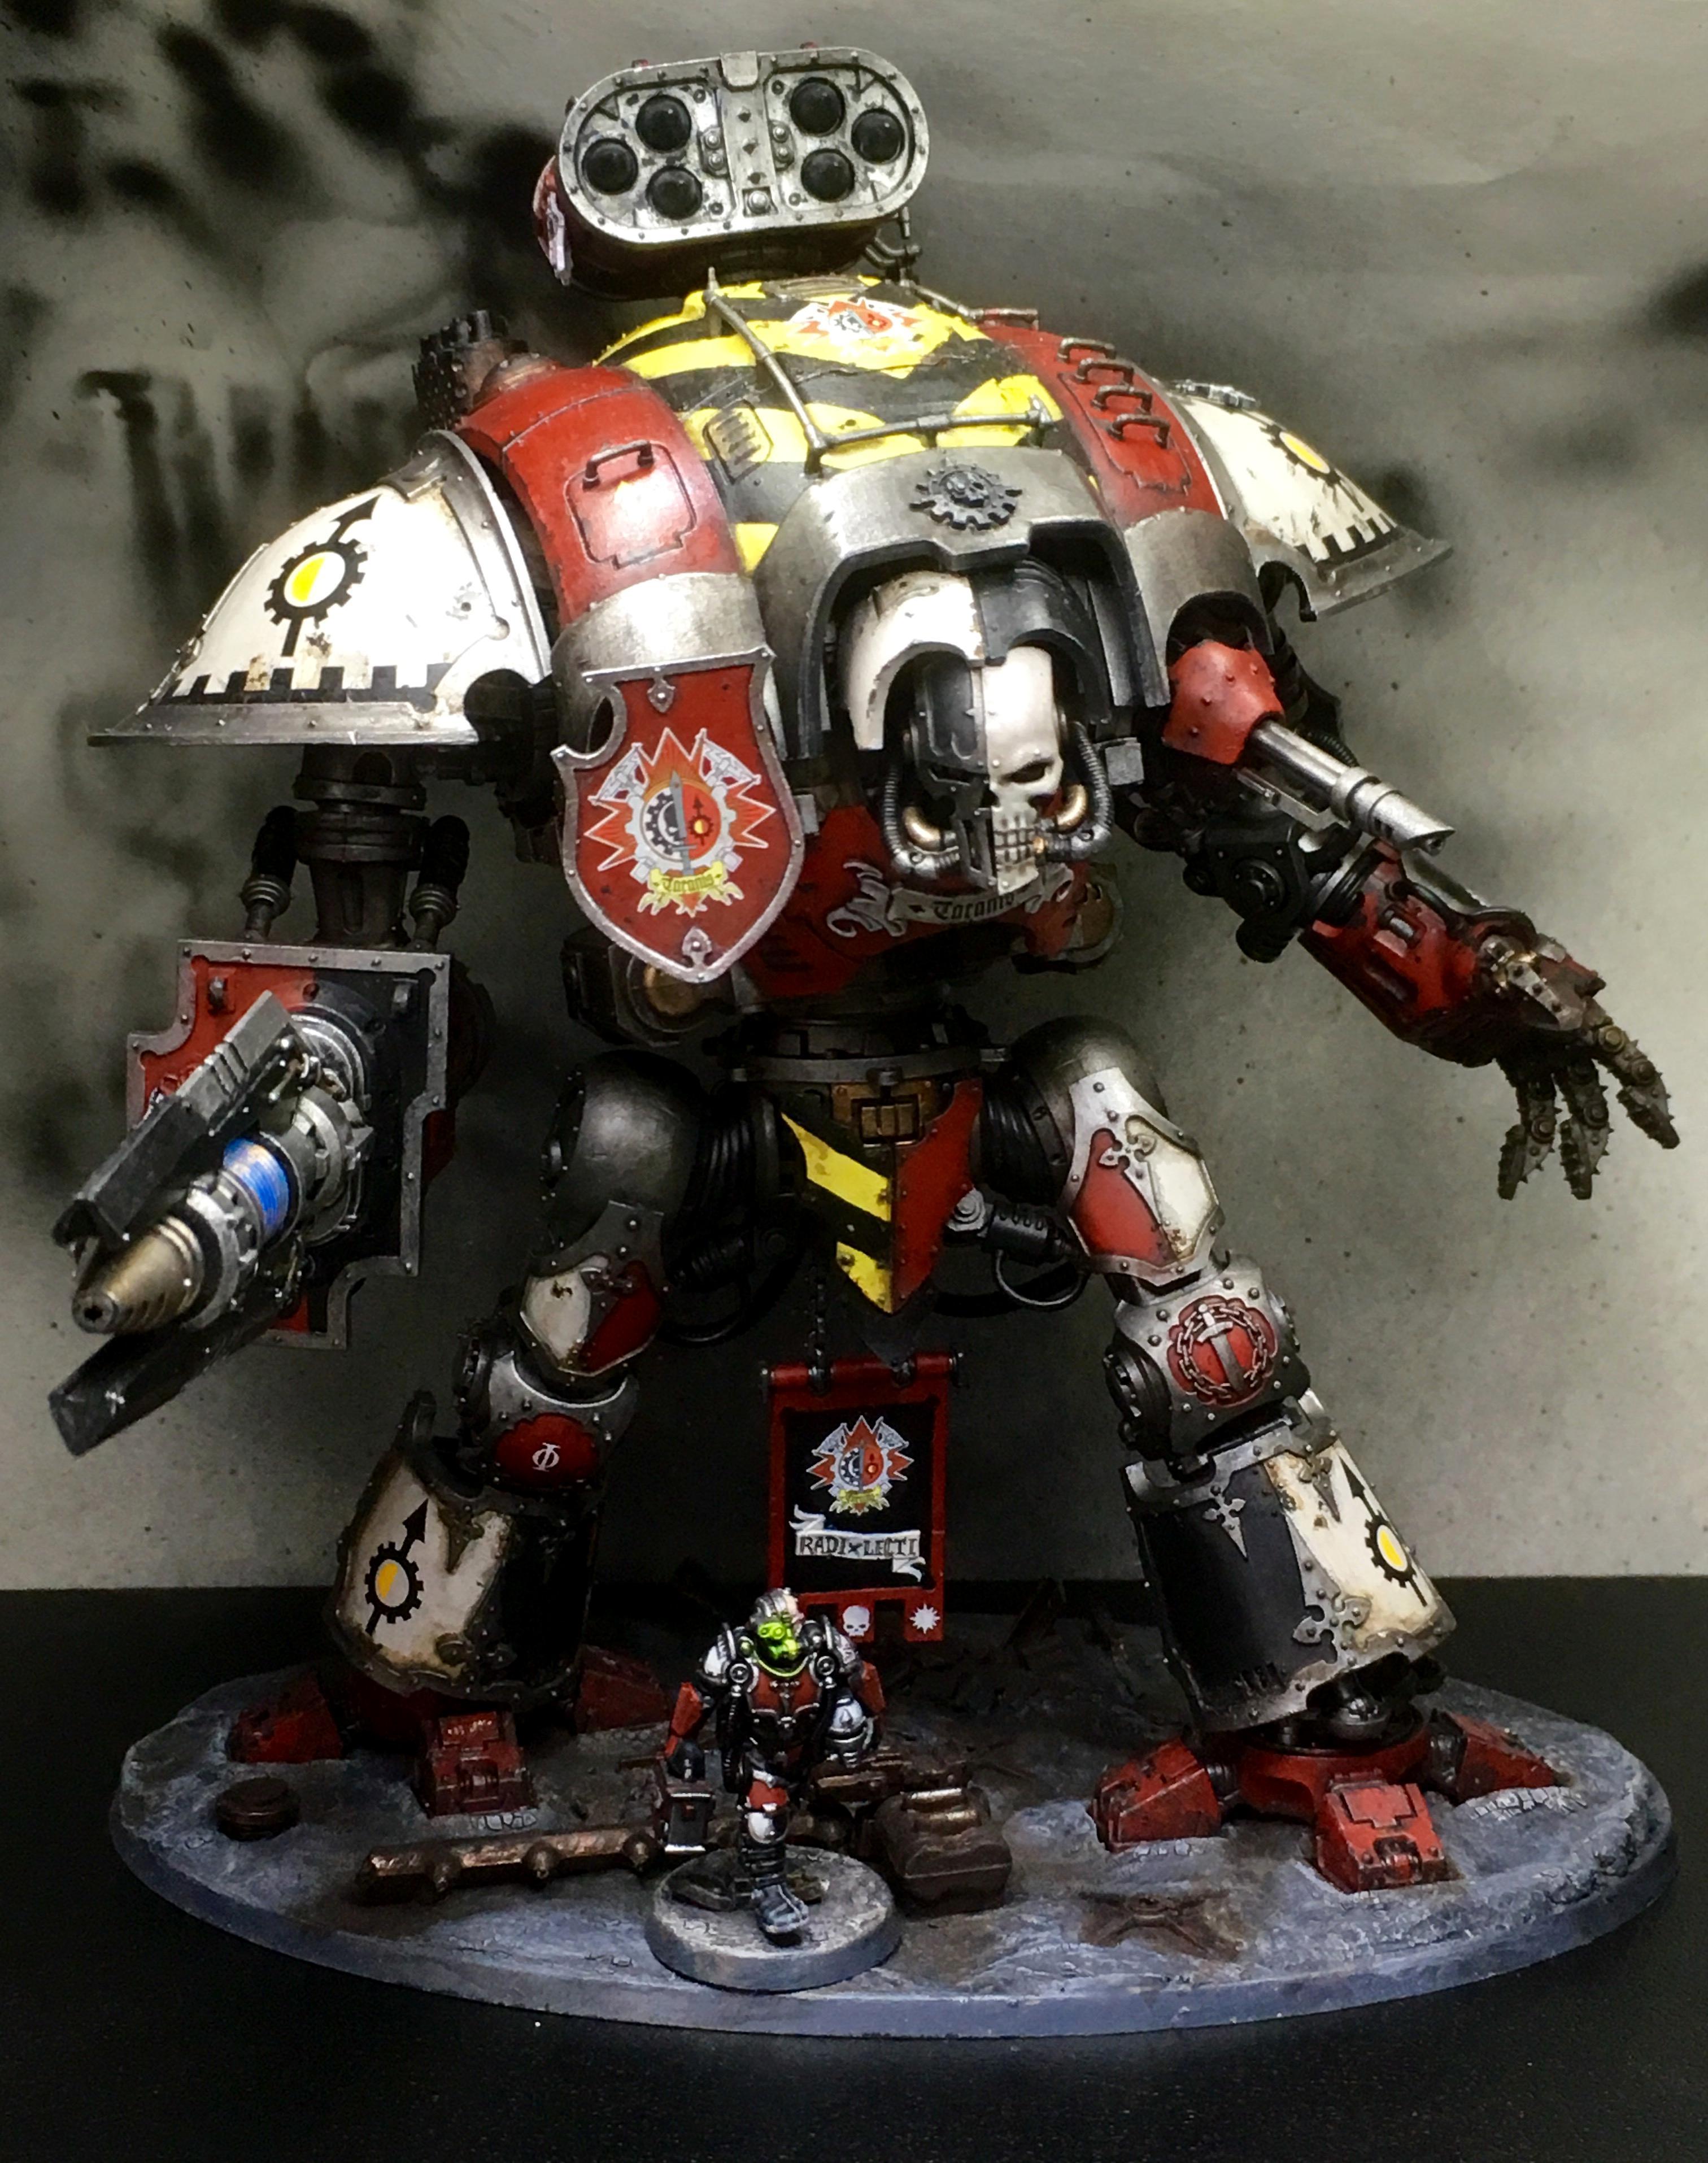 House Taranis, Imperial Knight, Knights, Mars, Mechanicus, Preceptor, Questoris, Super-heavy, Taranis, Walker, Warhammer 40,000